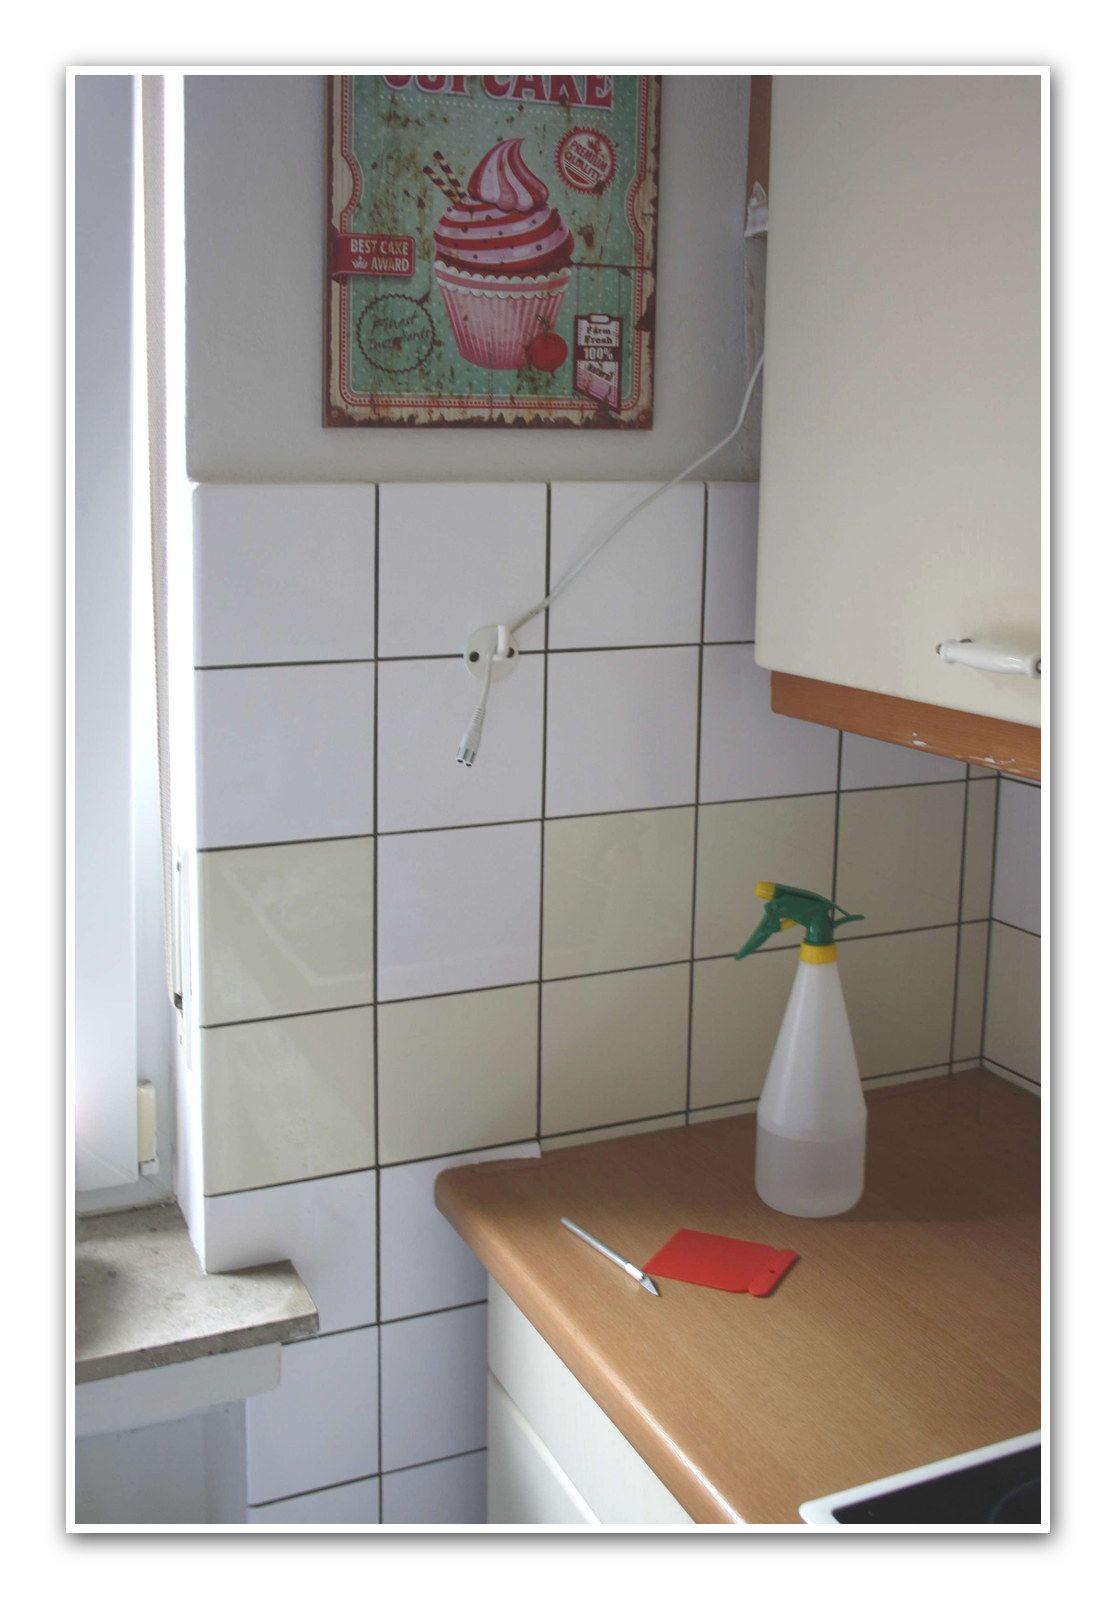 Wunderbar Küche Renovierung Diy Ideen Bilder - Ideen Für Die Küche ...